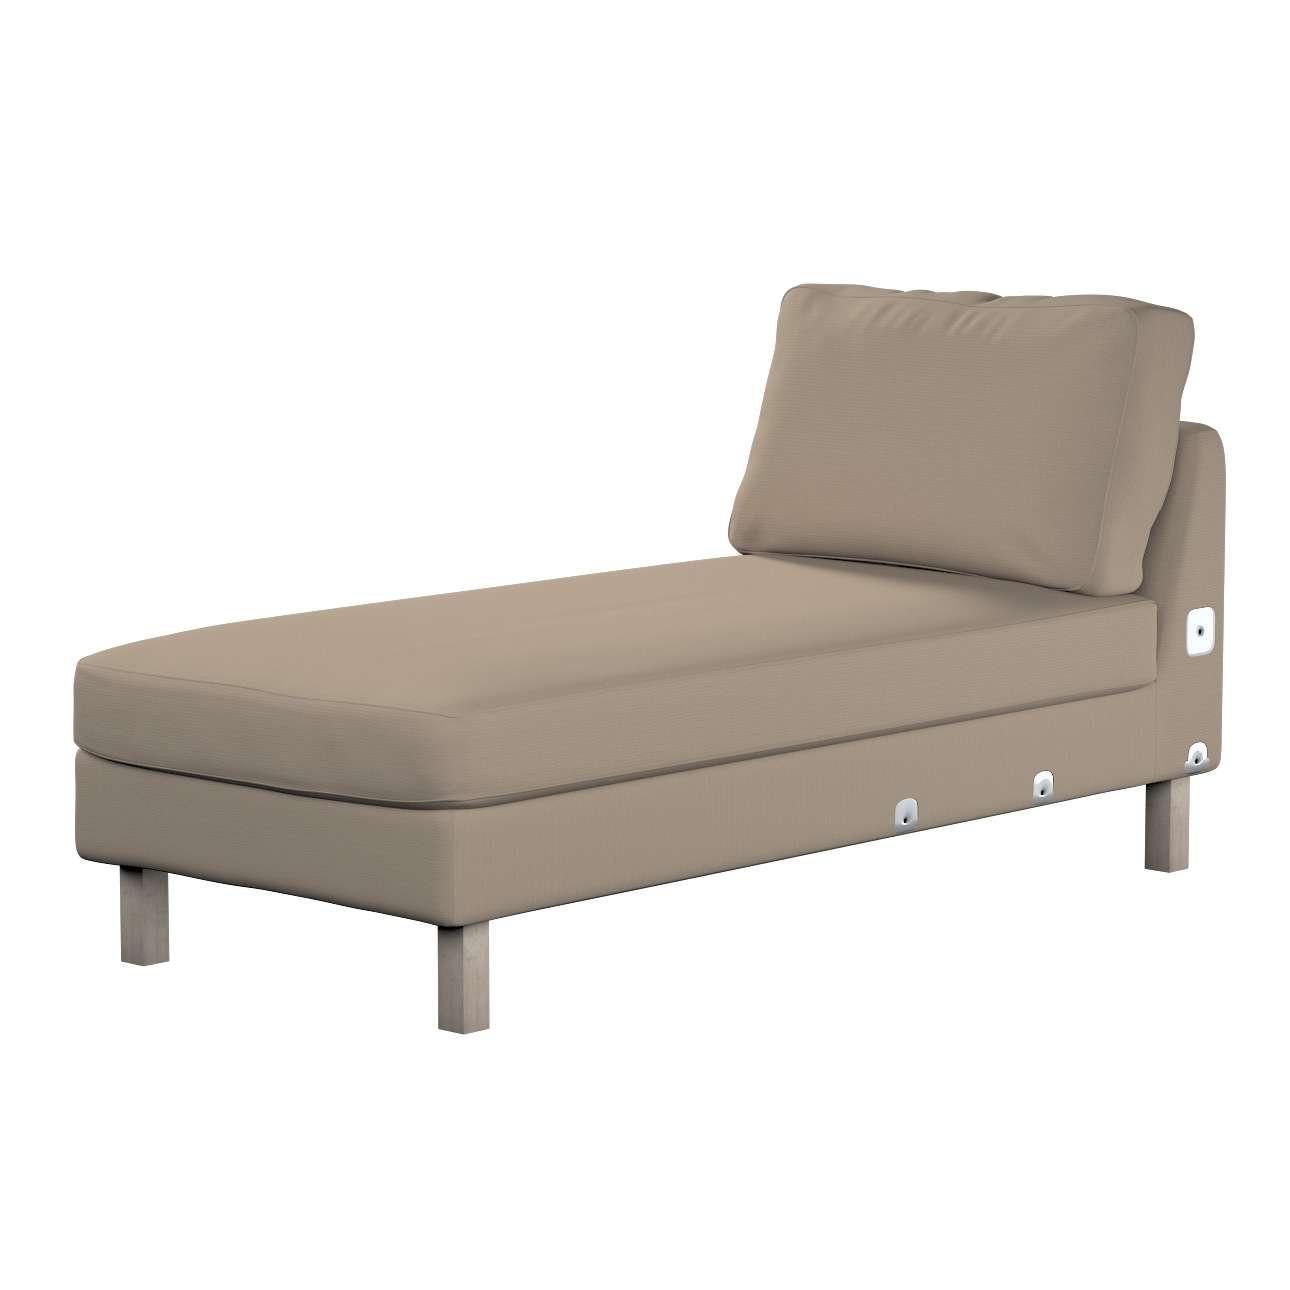 KARSLTAD sofos gulimojo krėslo užvalkalas Karlstad add-on unit cover kolekcijoje Cotton Panama, audinys: 702-28